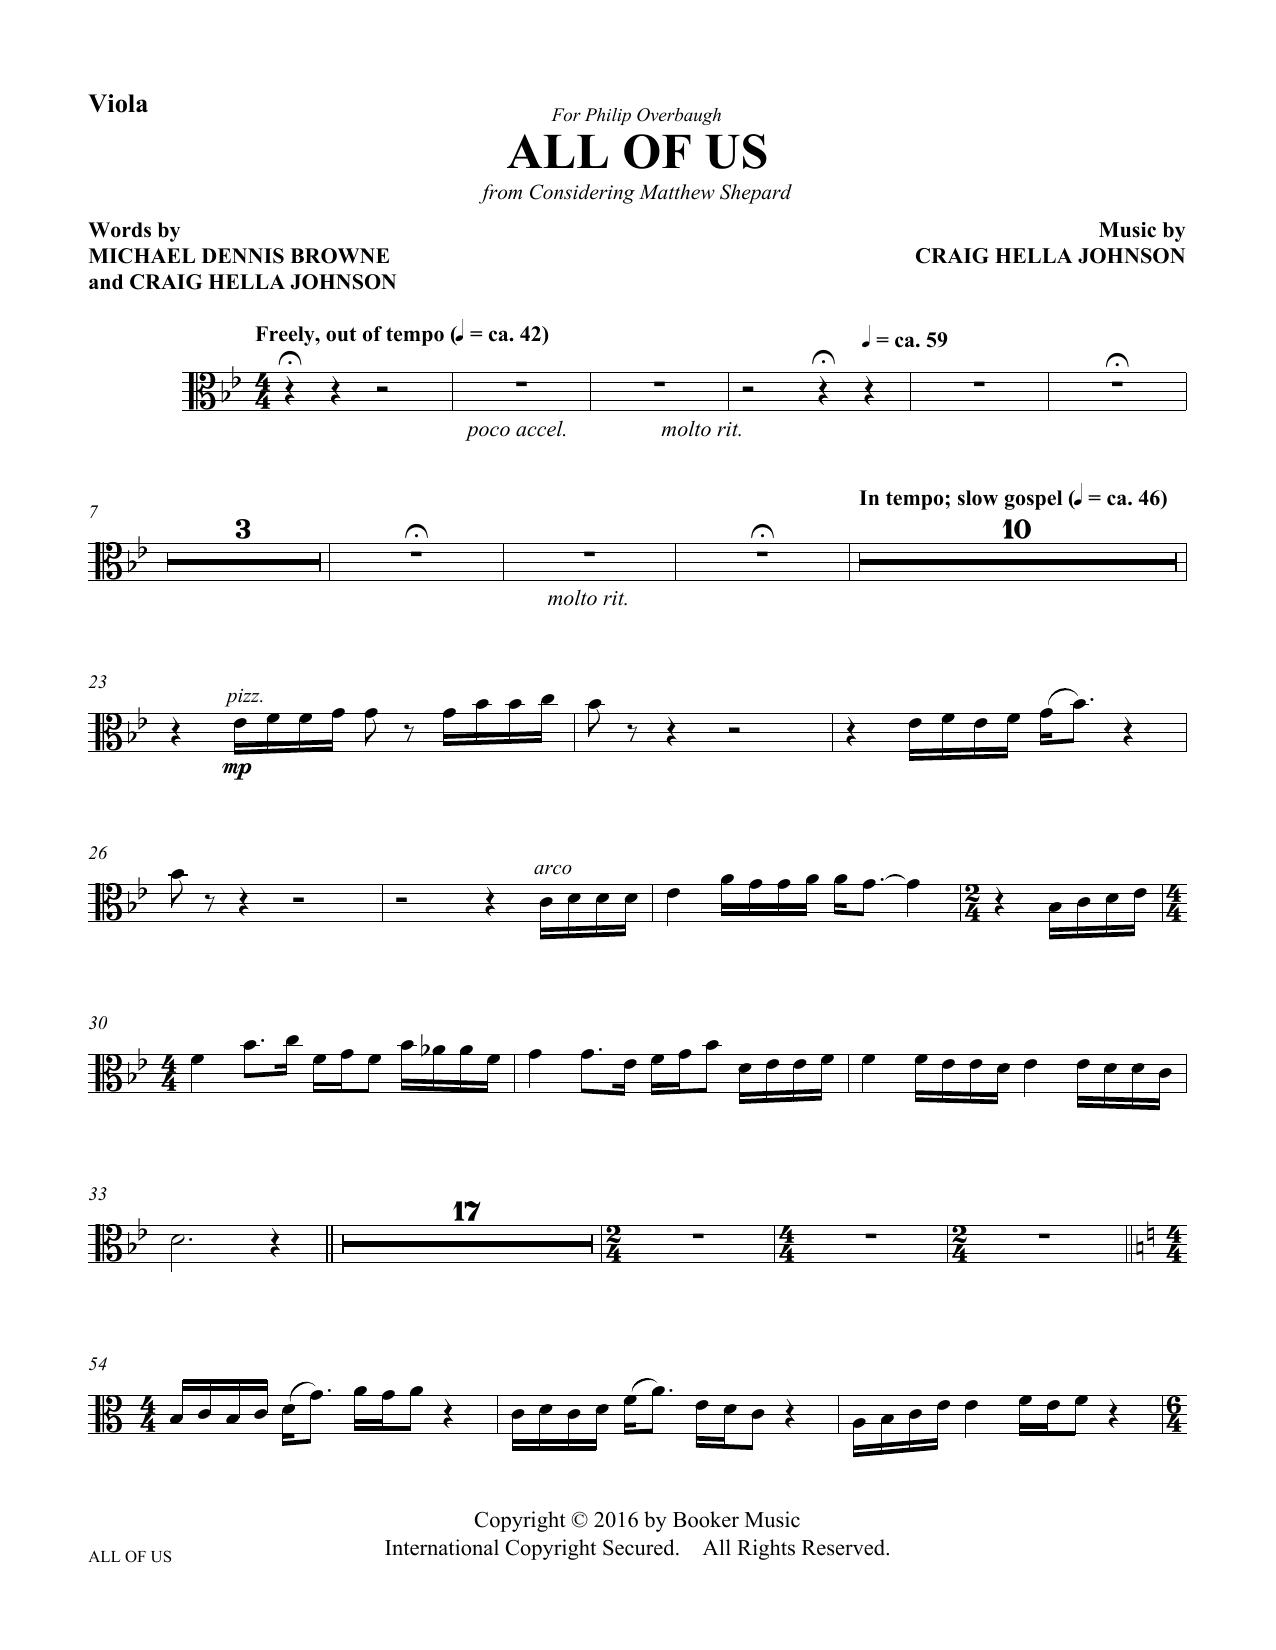 All of Us - Viola